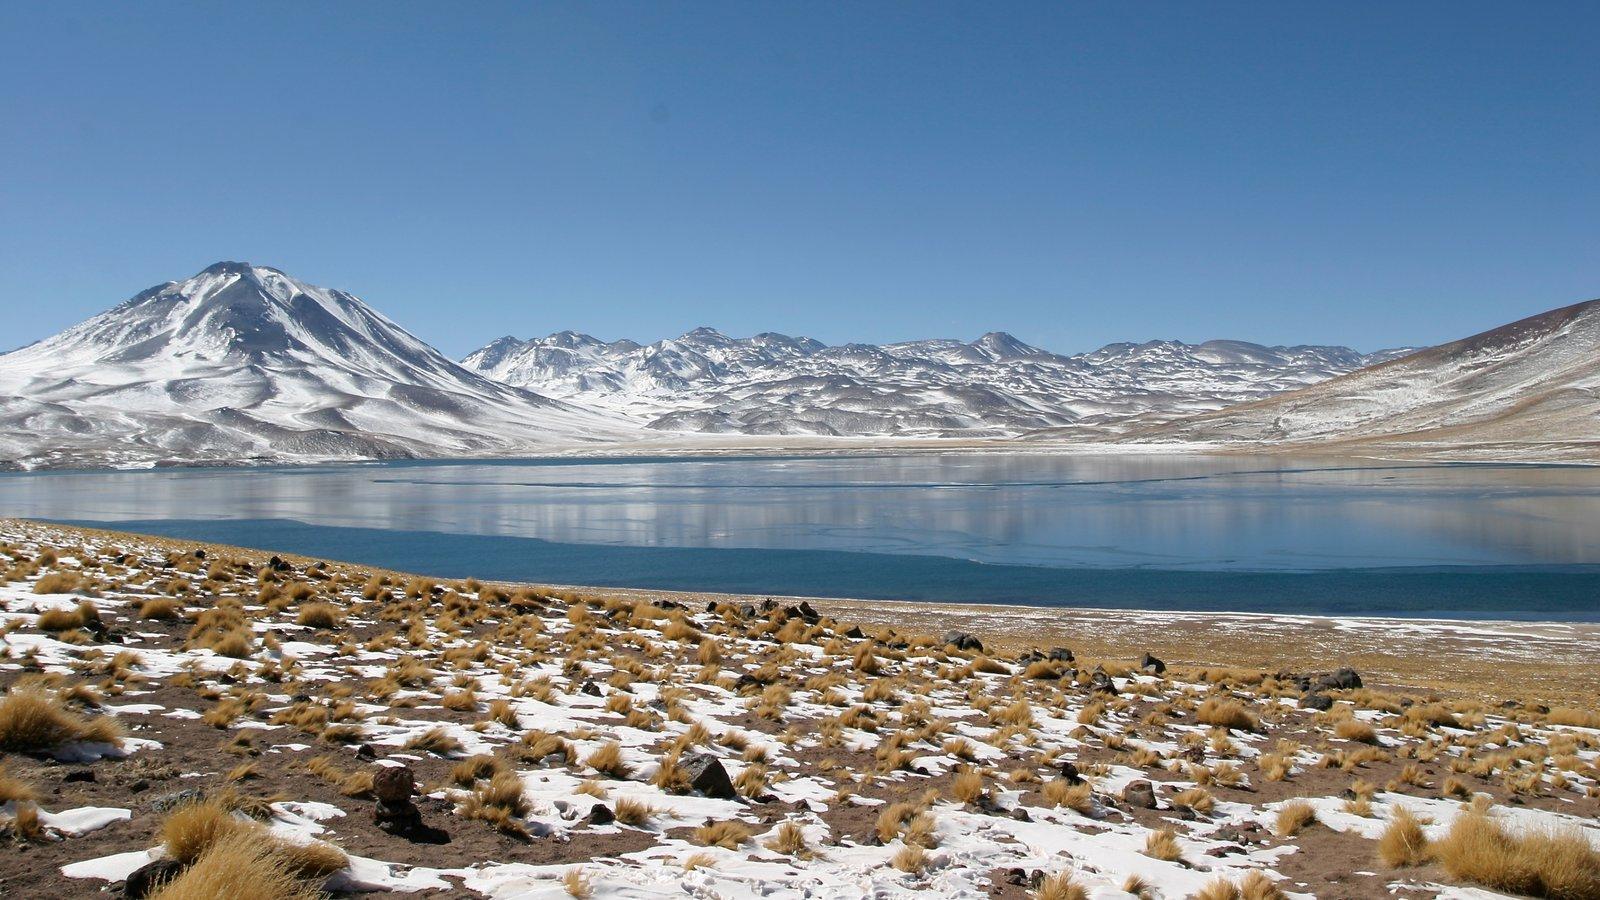 Chile mostrando um lago ou charco e neve